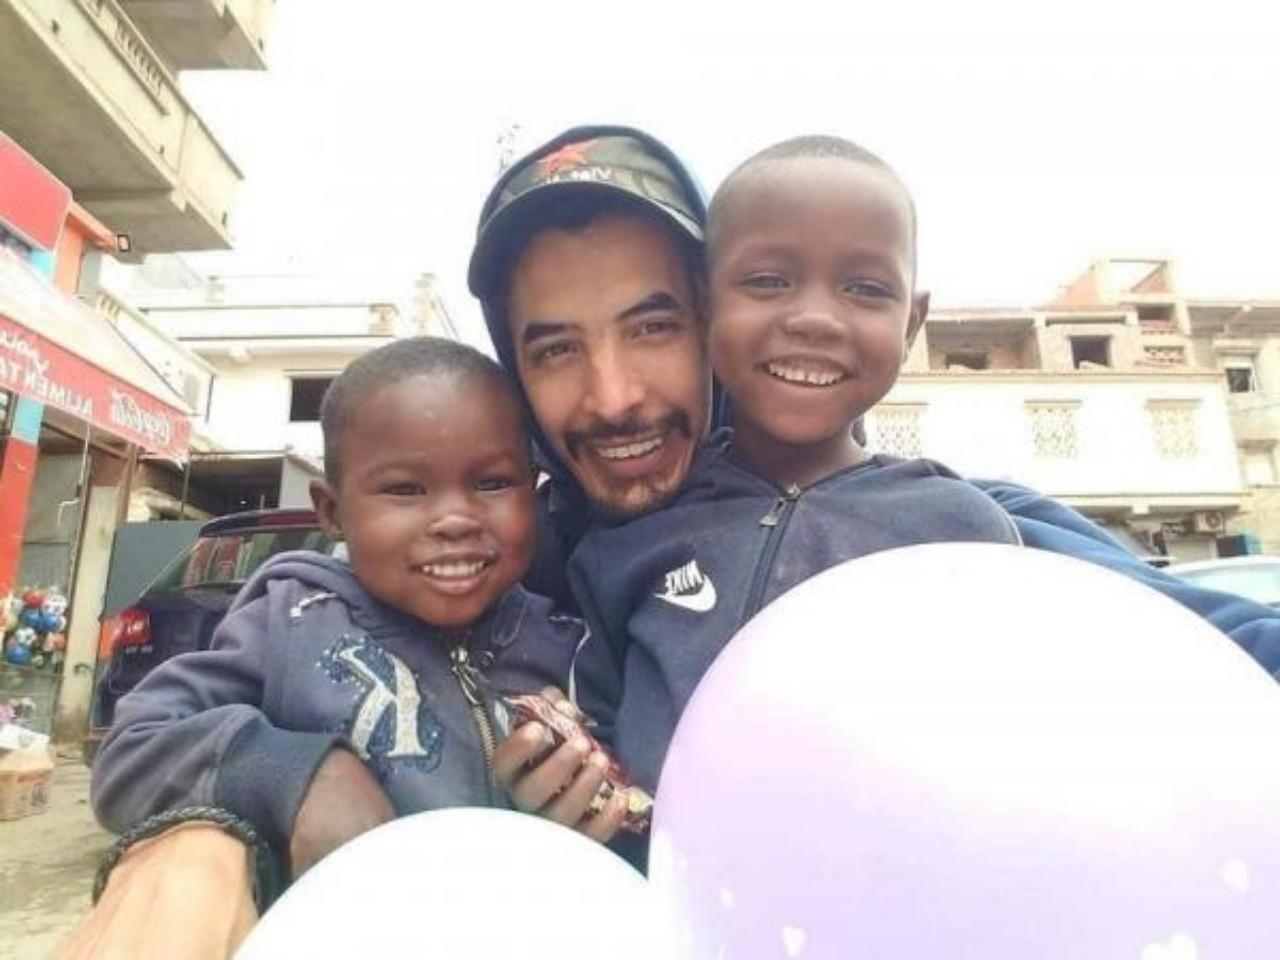 صورة الشاب الذي تم إحراقه بالجزائر